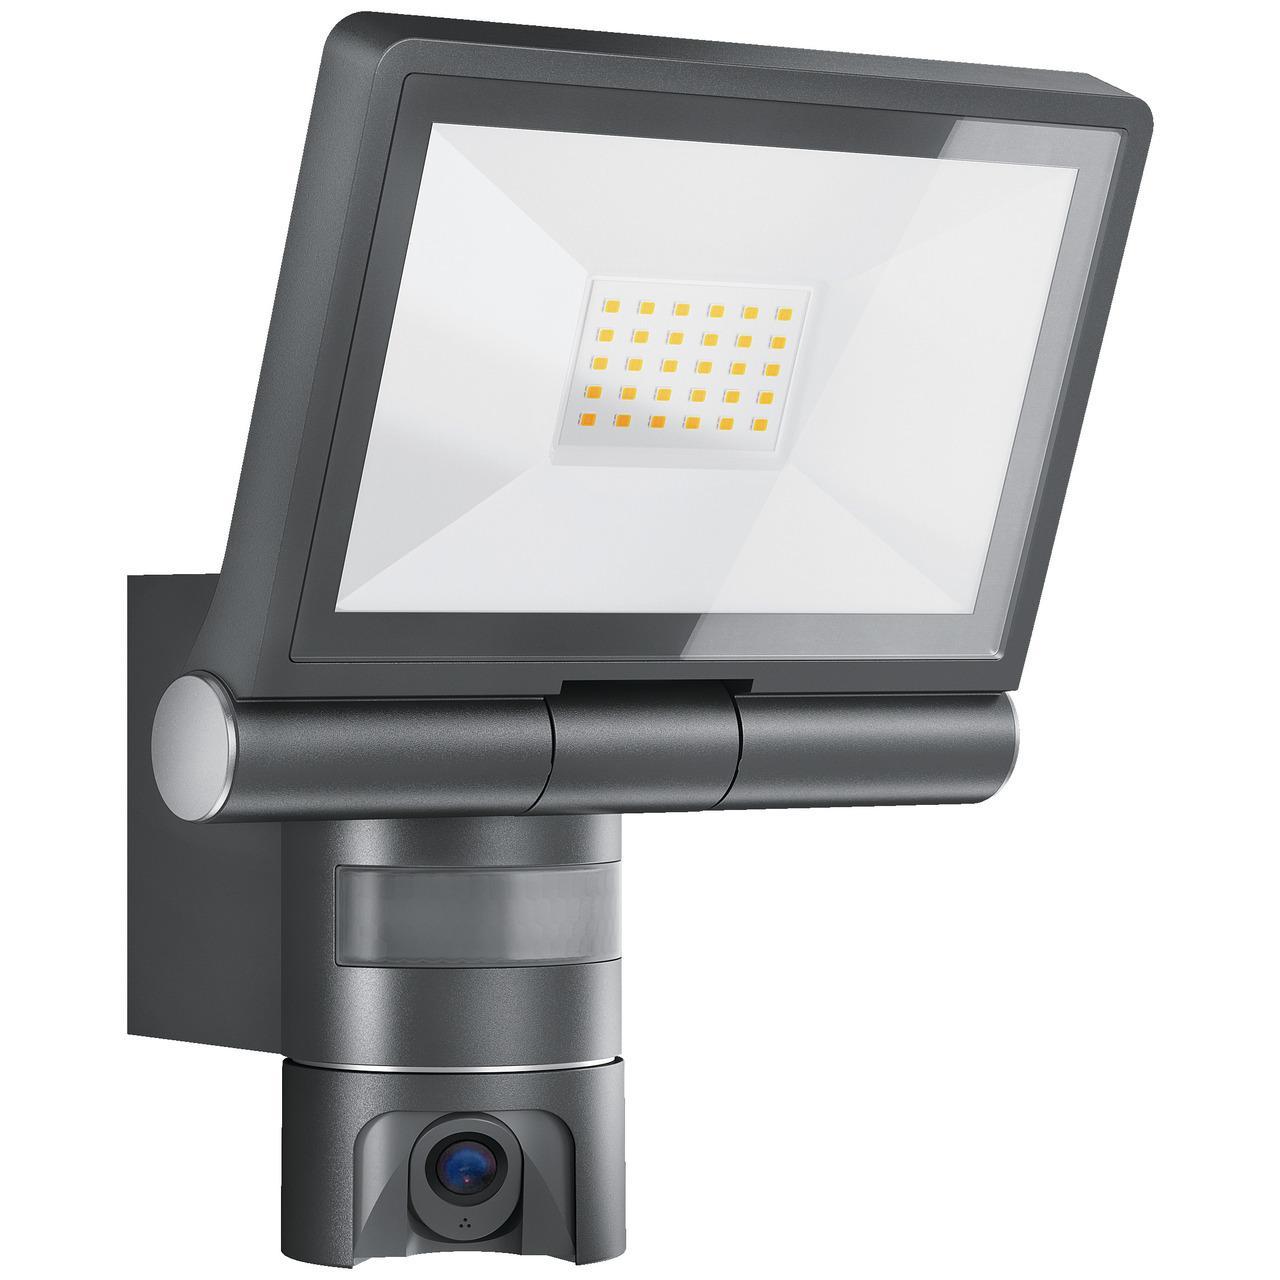 Steinel 21-W-LED-Strahler/-Kameraleuchte XLED CAM 1, mit HD-Kamera, App-Zugriff